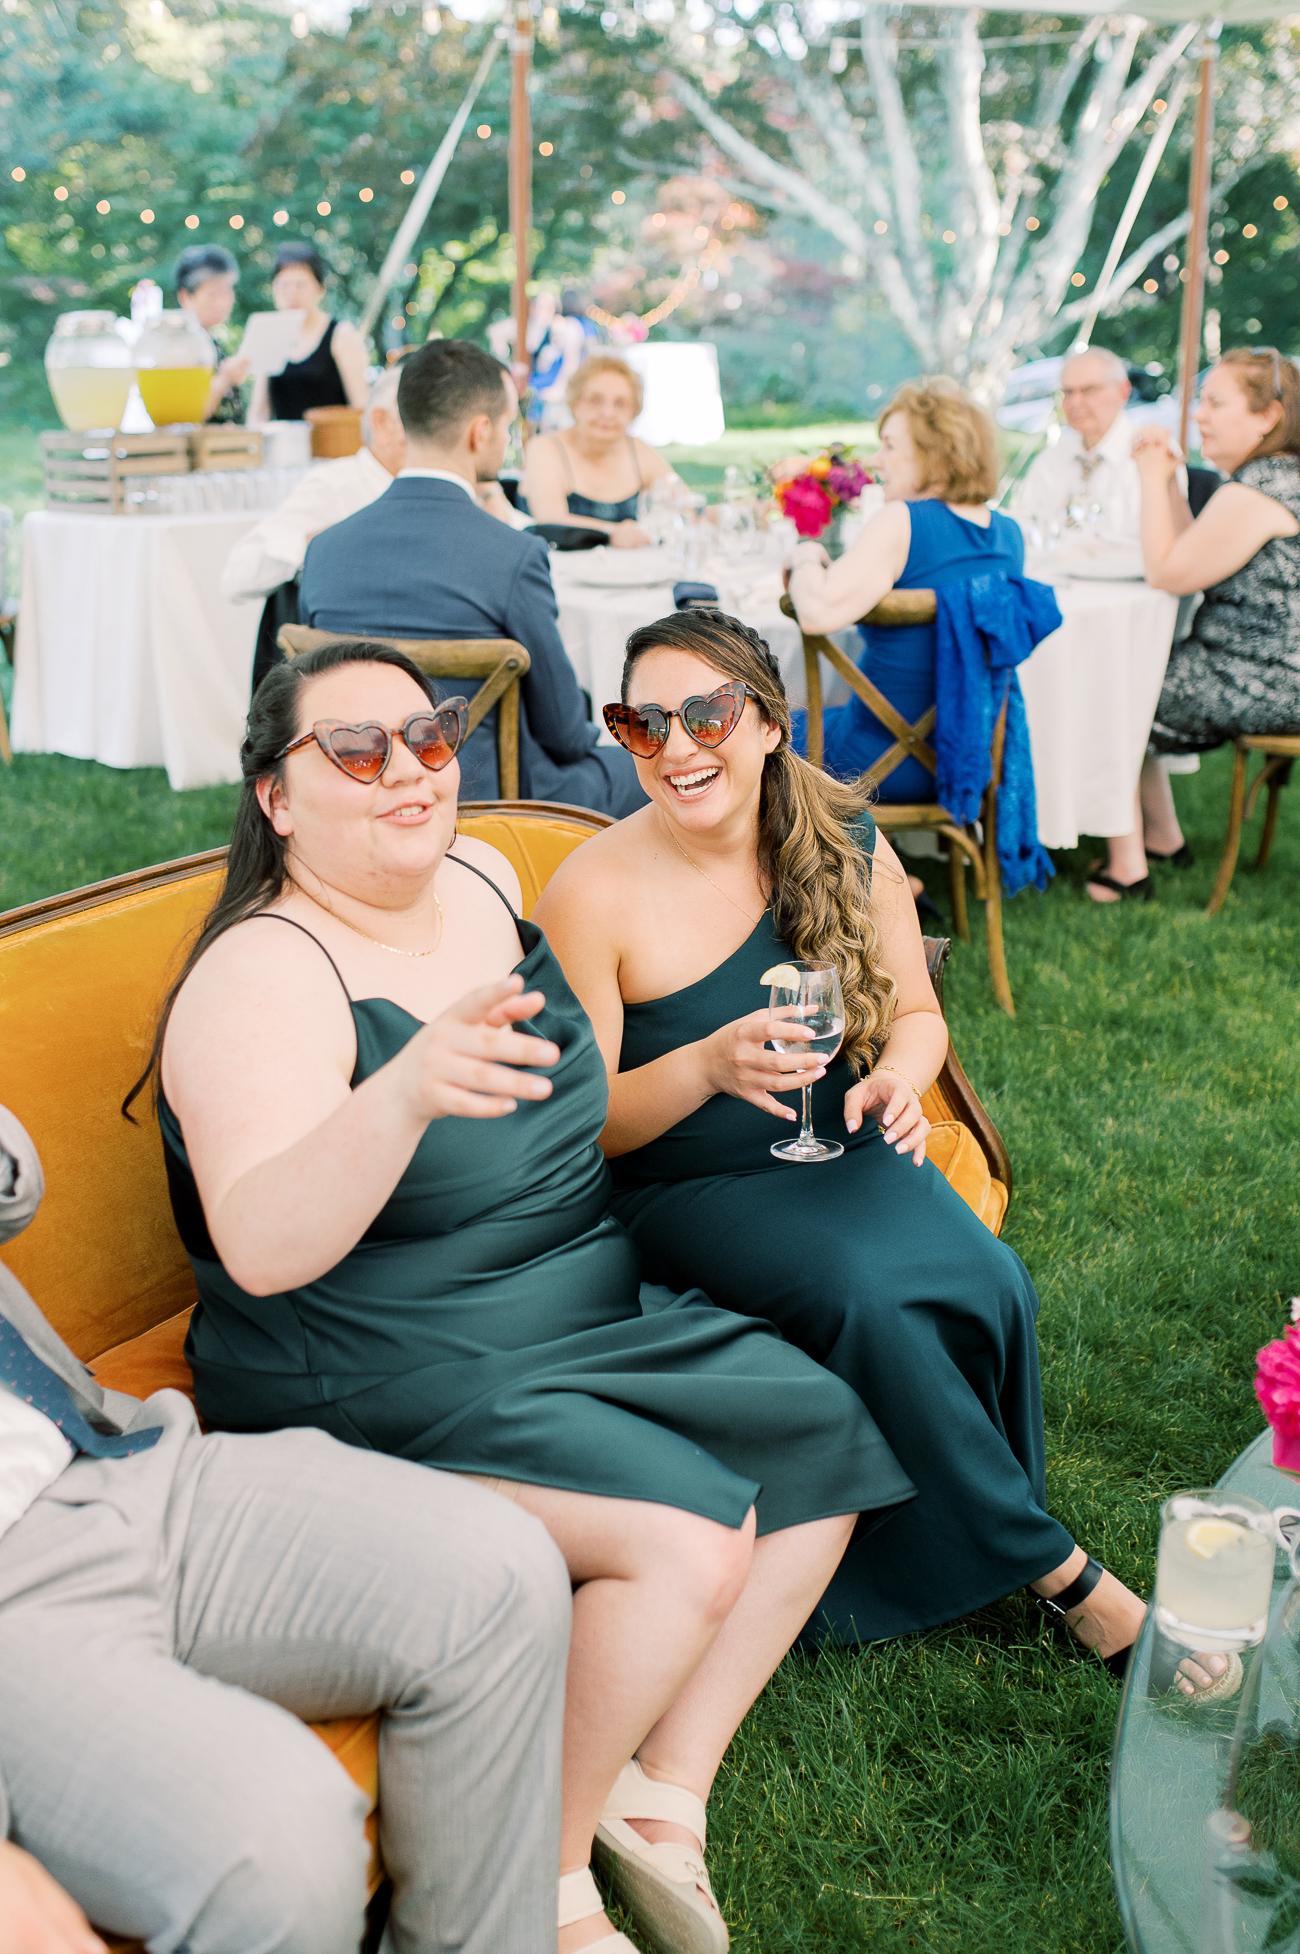 Sarah's cousins